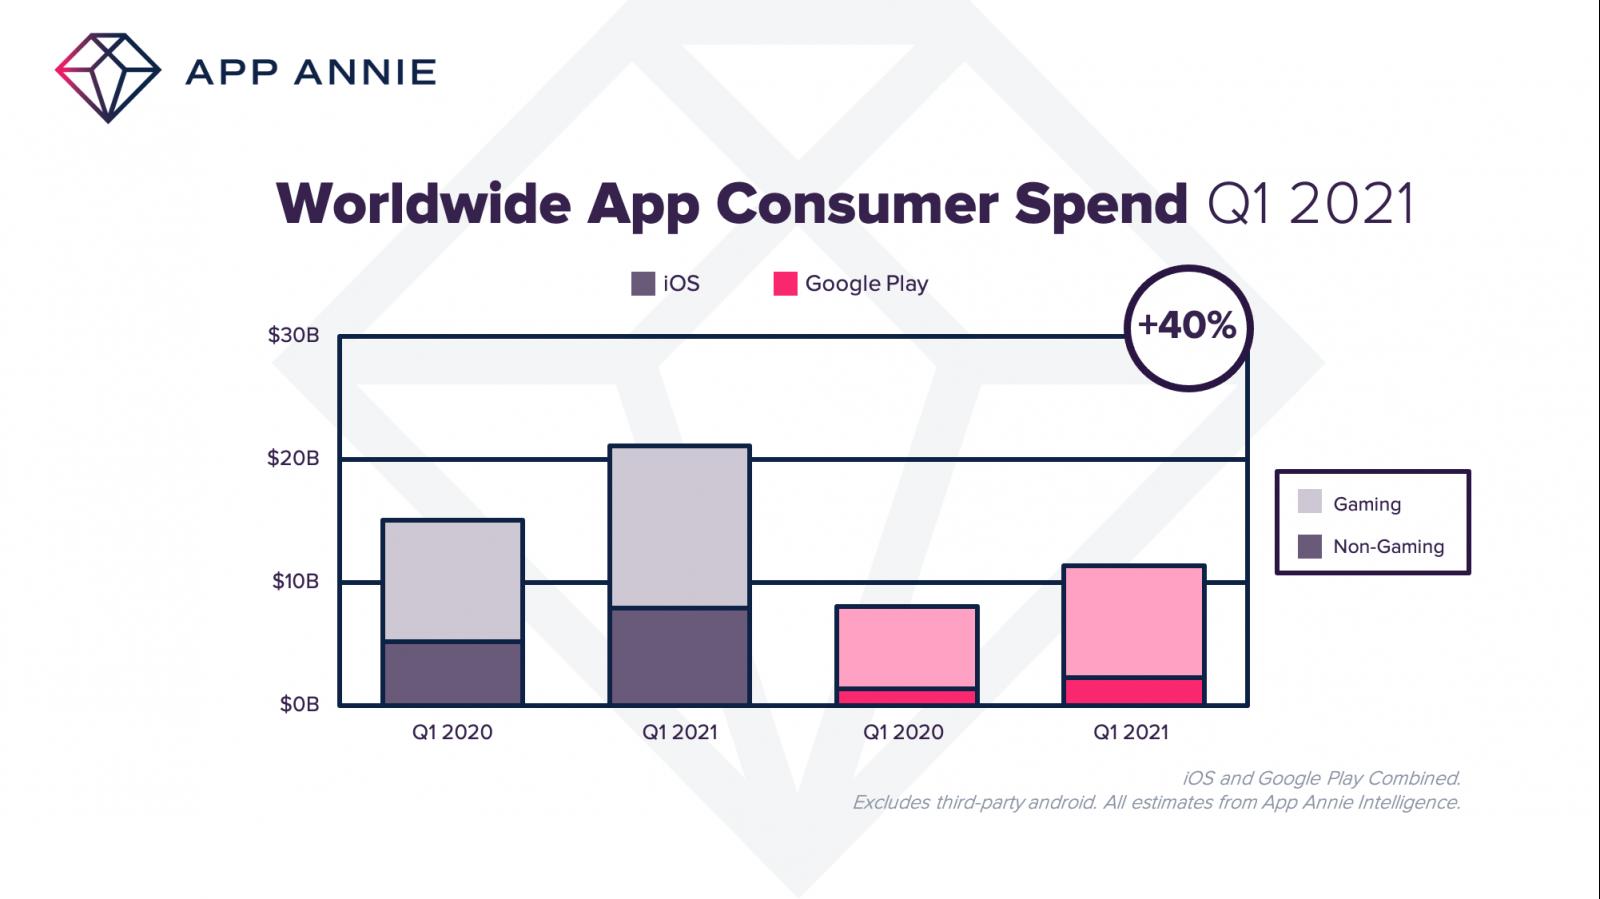 Запервый квартал 2021 года пользователи потратили вмобильных приложениях на40% больше, чем в прошлом году